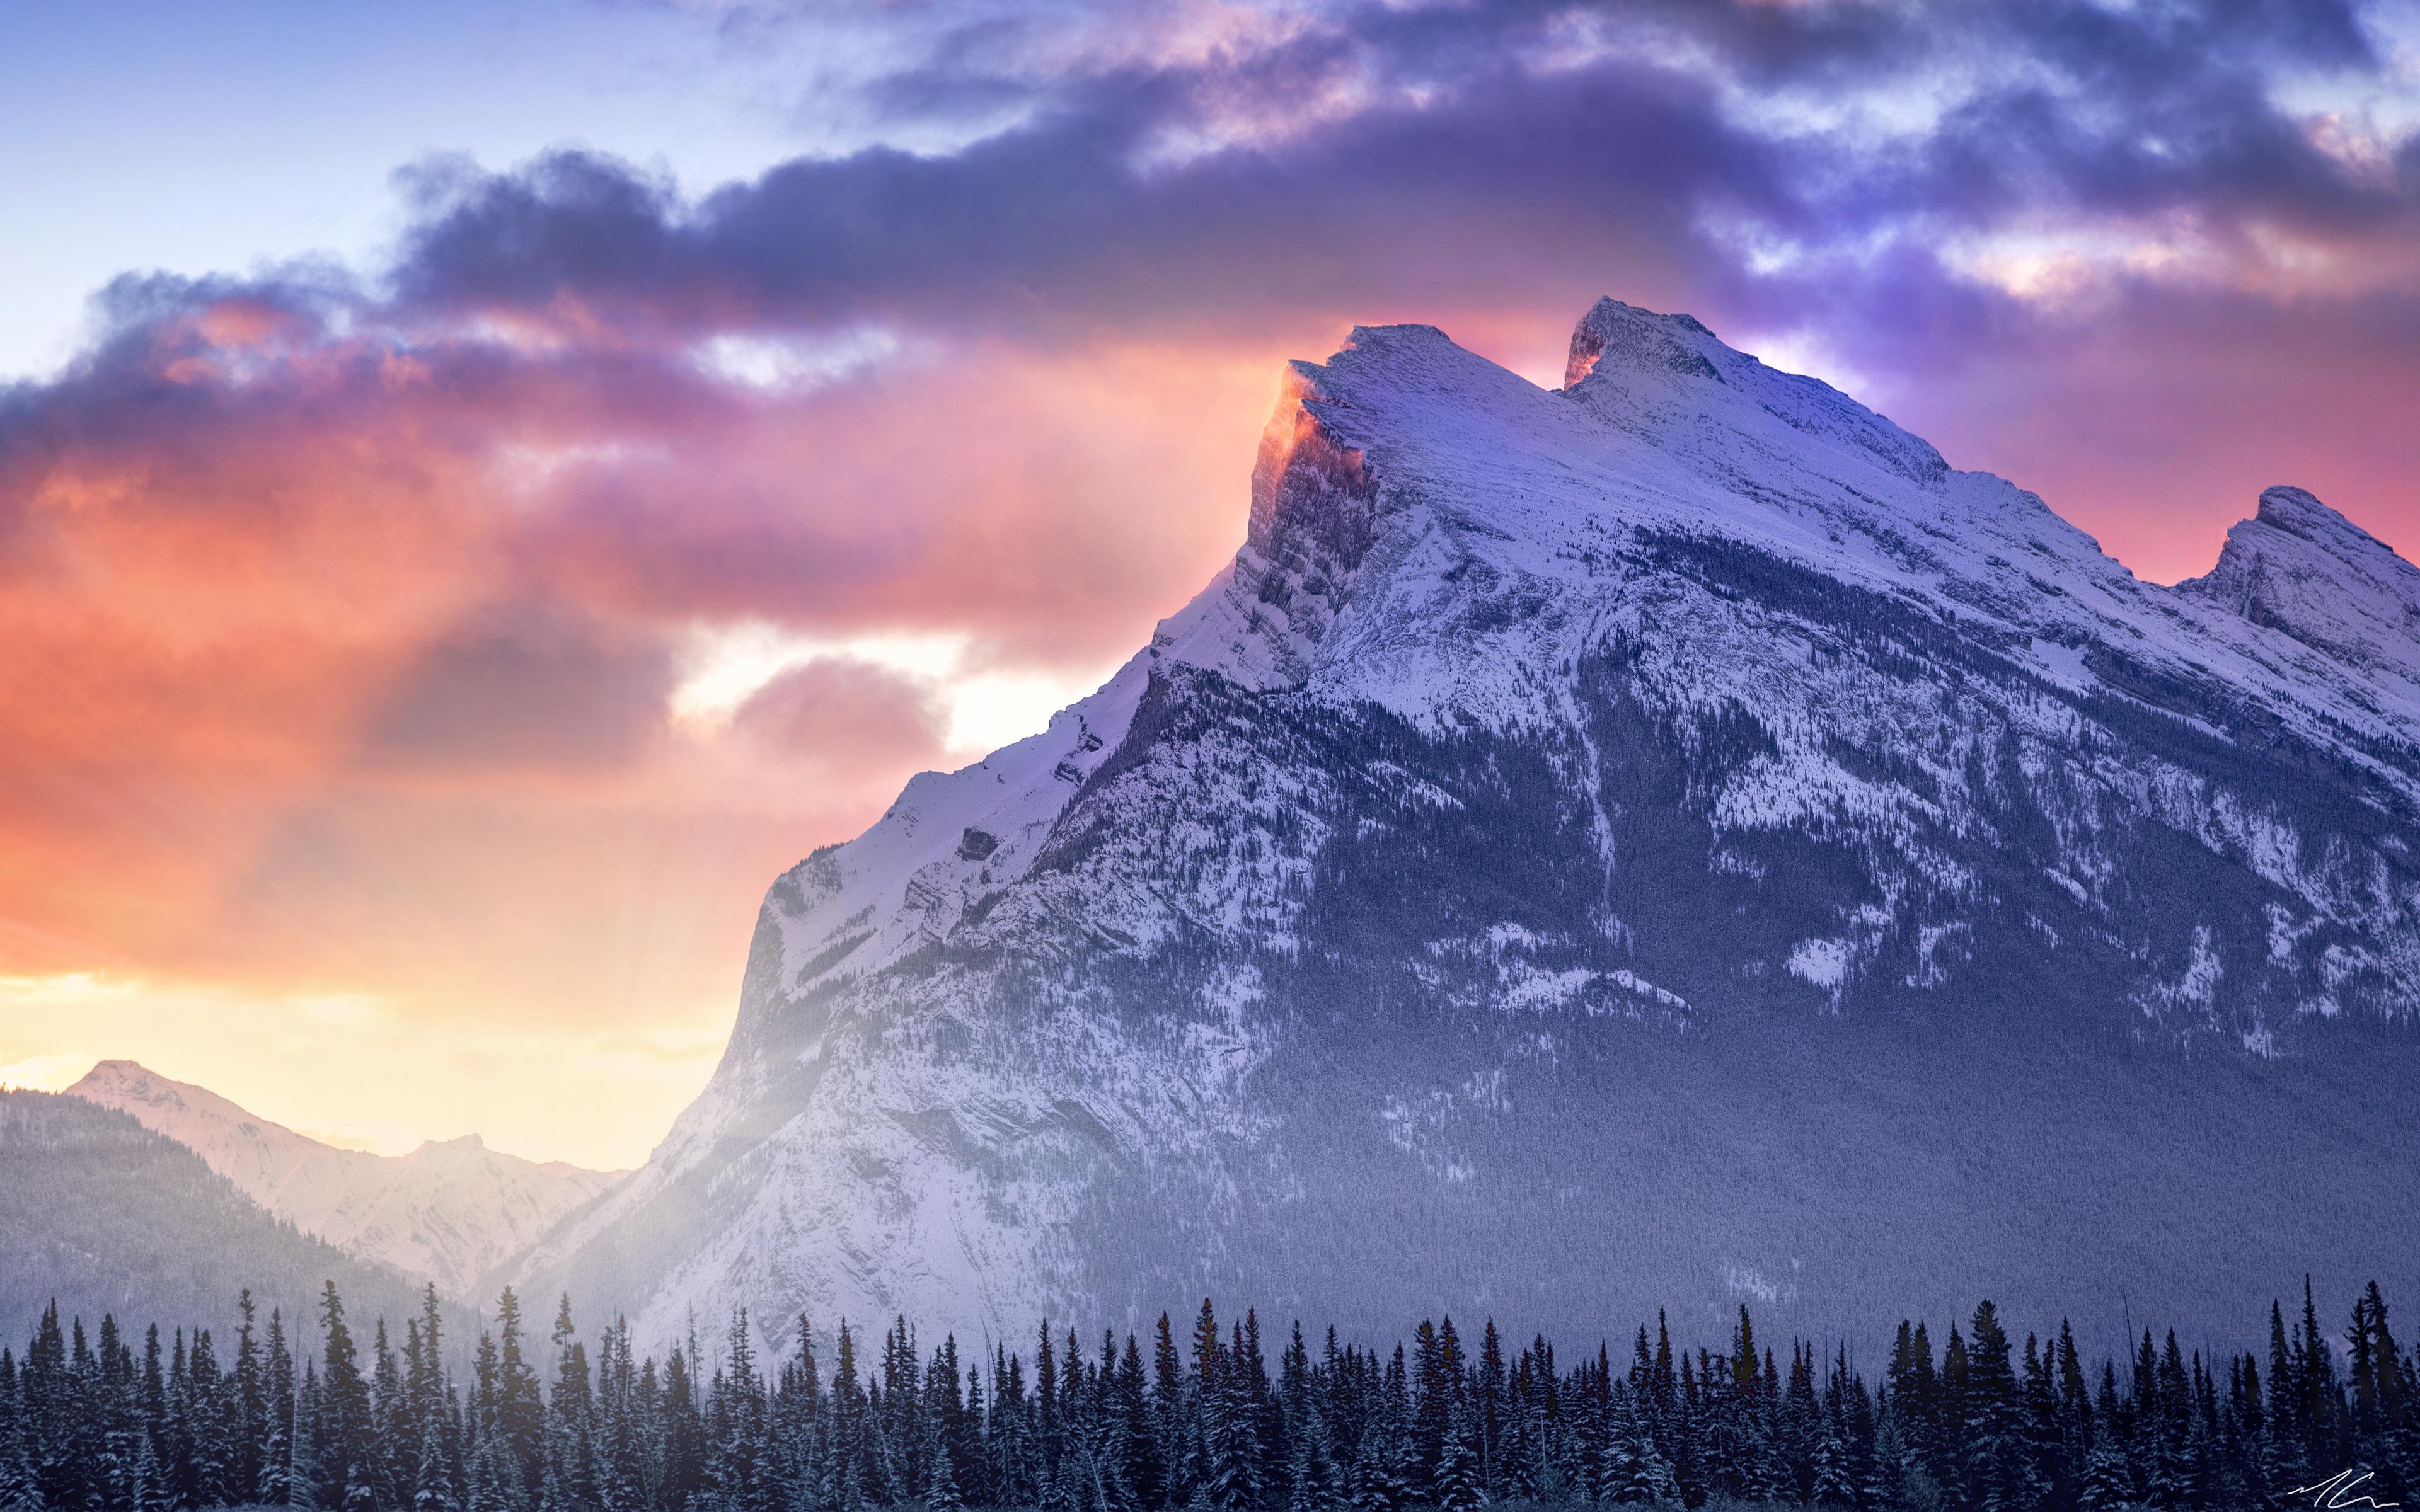 Montagne 4k Ultra Fond D Ecran Hd Arriere Plan 3840x2400 Id 812301 Wallpaper Abyss